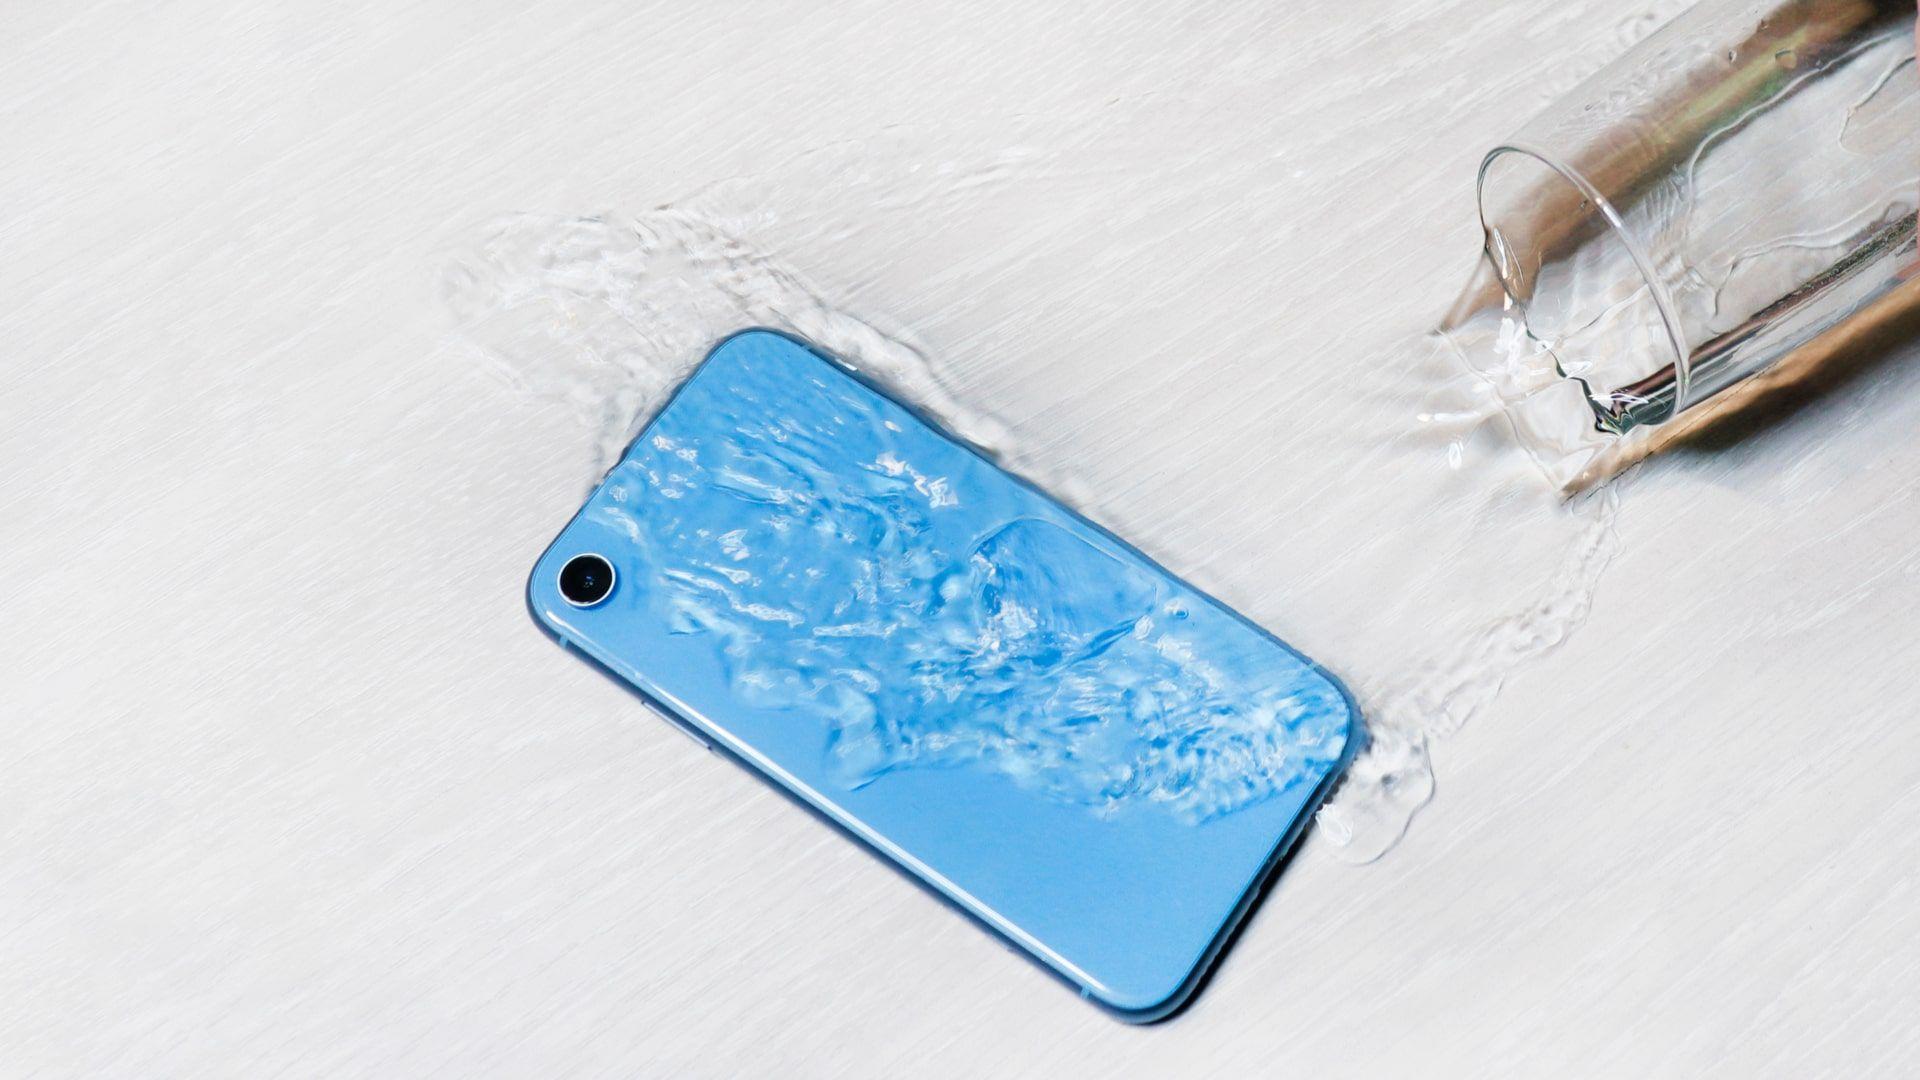 Celular à prova d'água: entenda as diferenças e conheça os melhores modelos para comprar (Foto: Shutterstock)